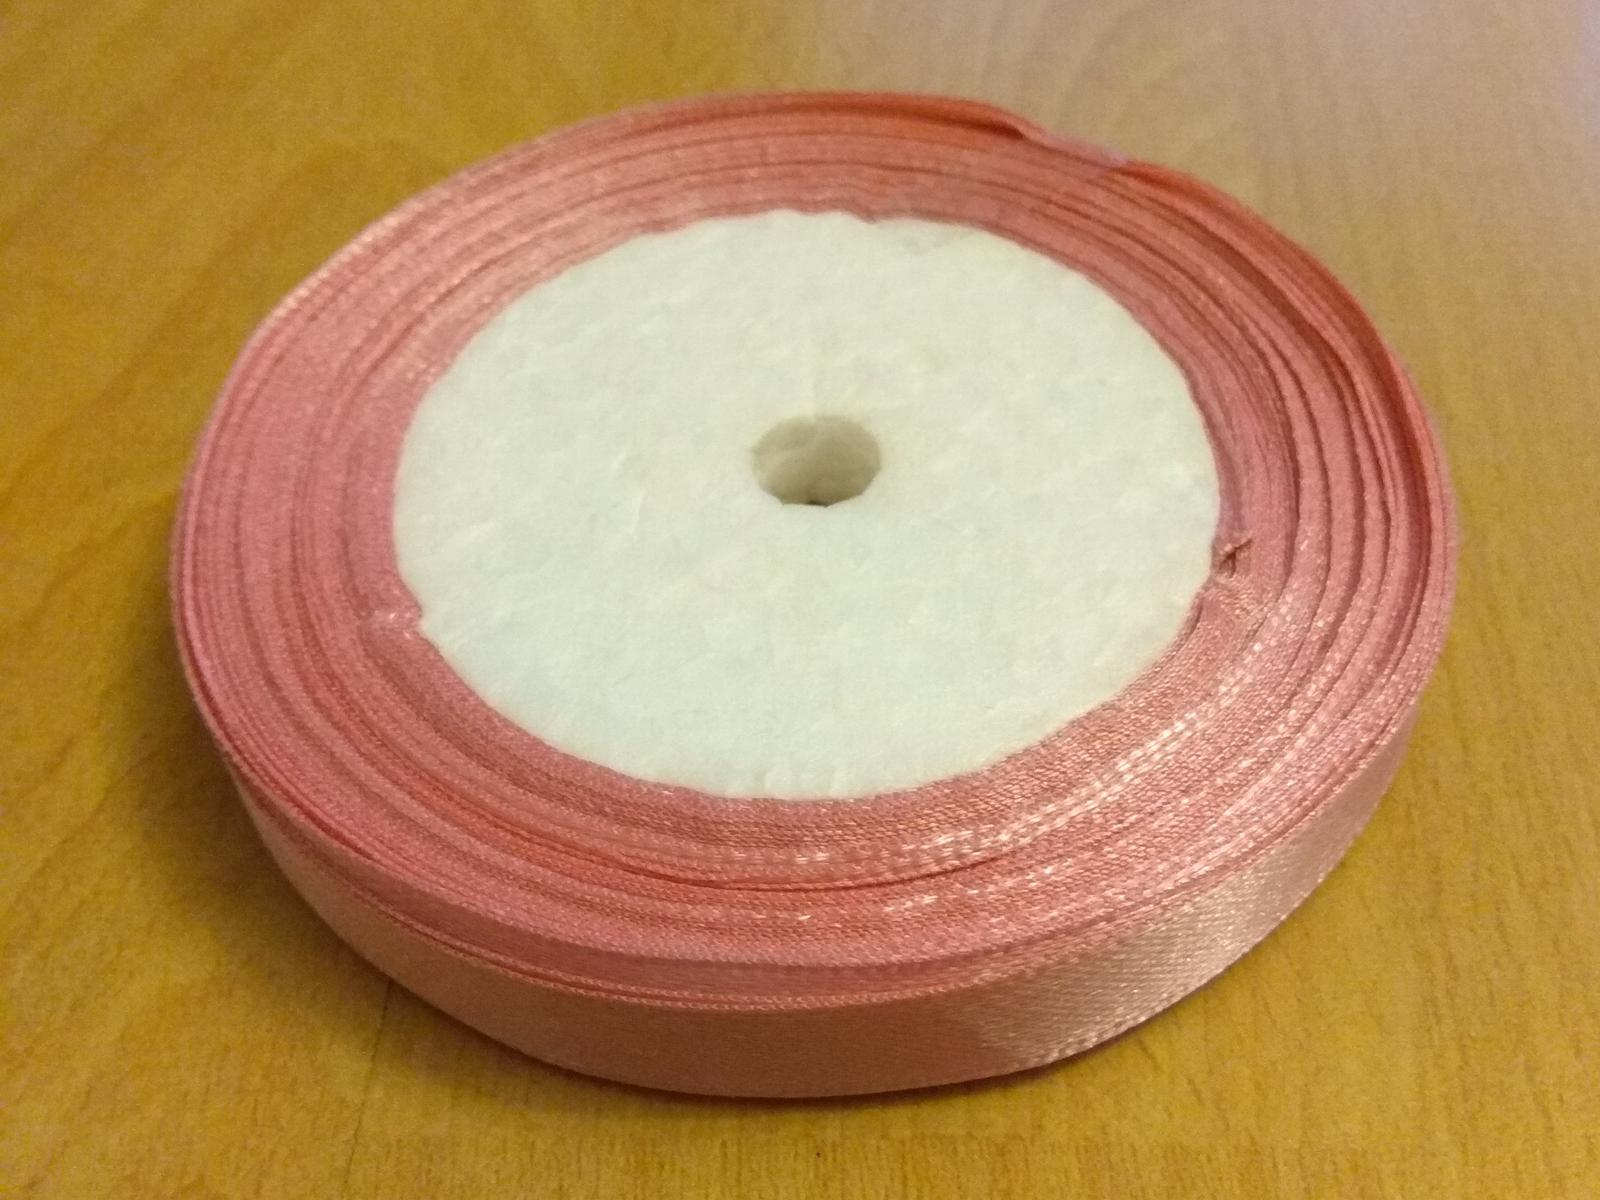 Růžová stuha, stužka - Obrázek č. 1